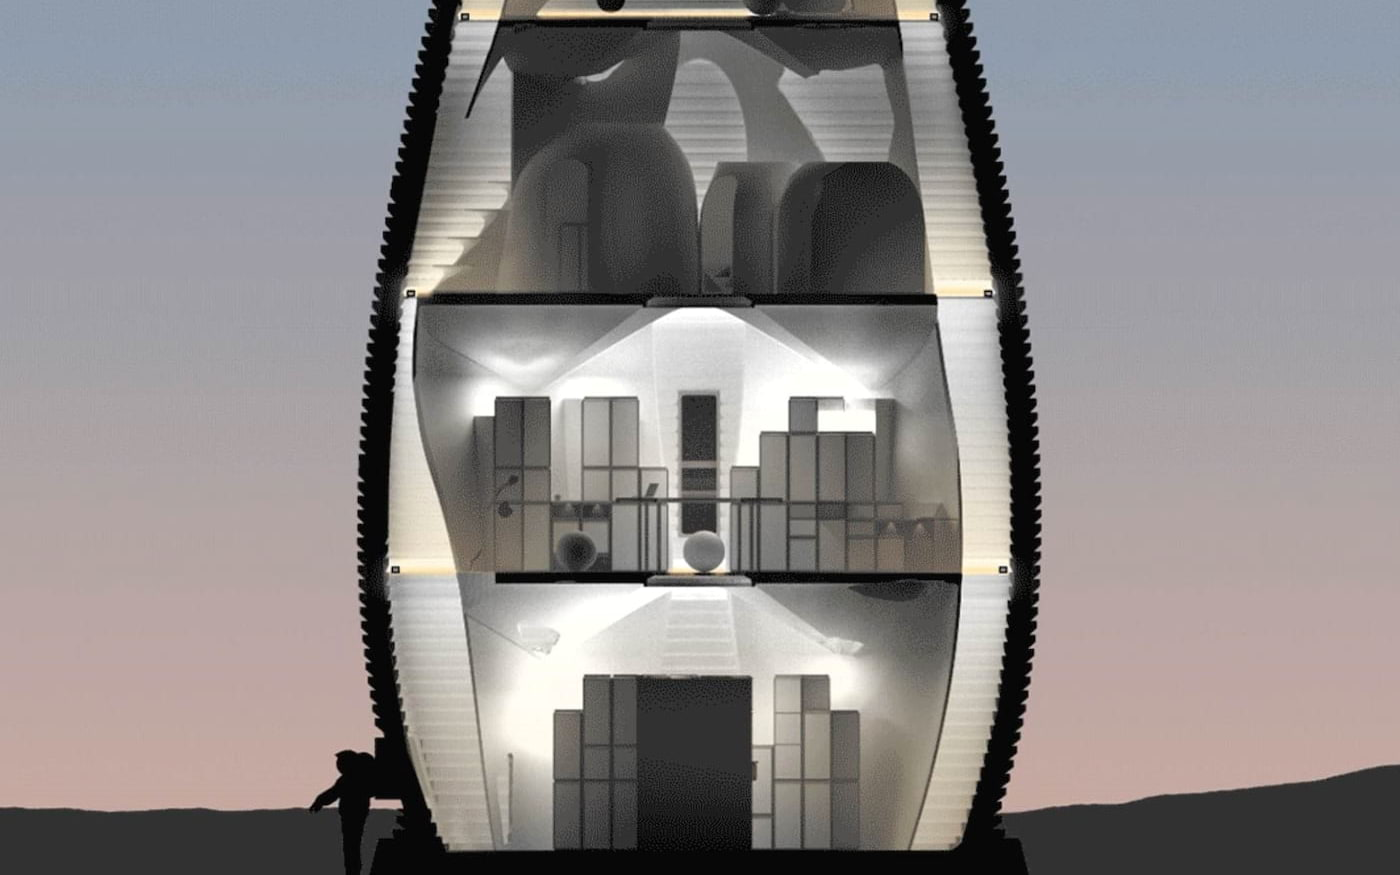 Agência norte-americana propõe novo tipo de habitação em Marte e vence concurso